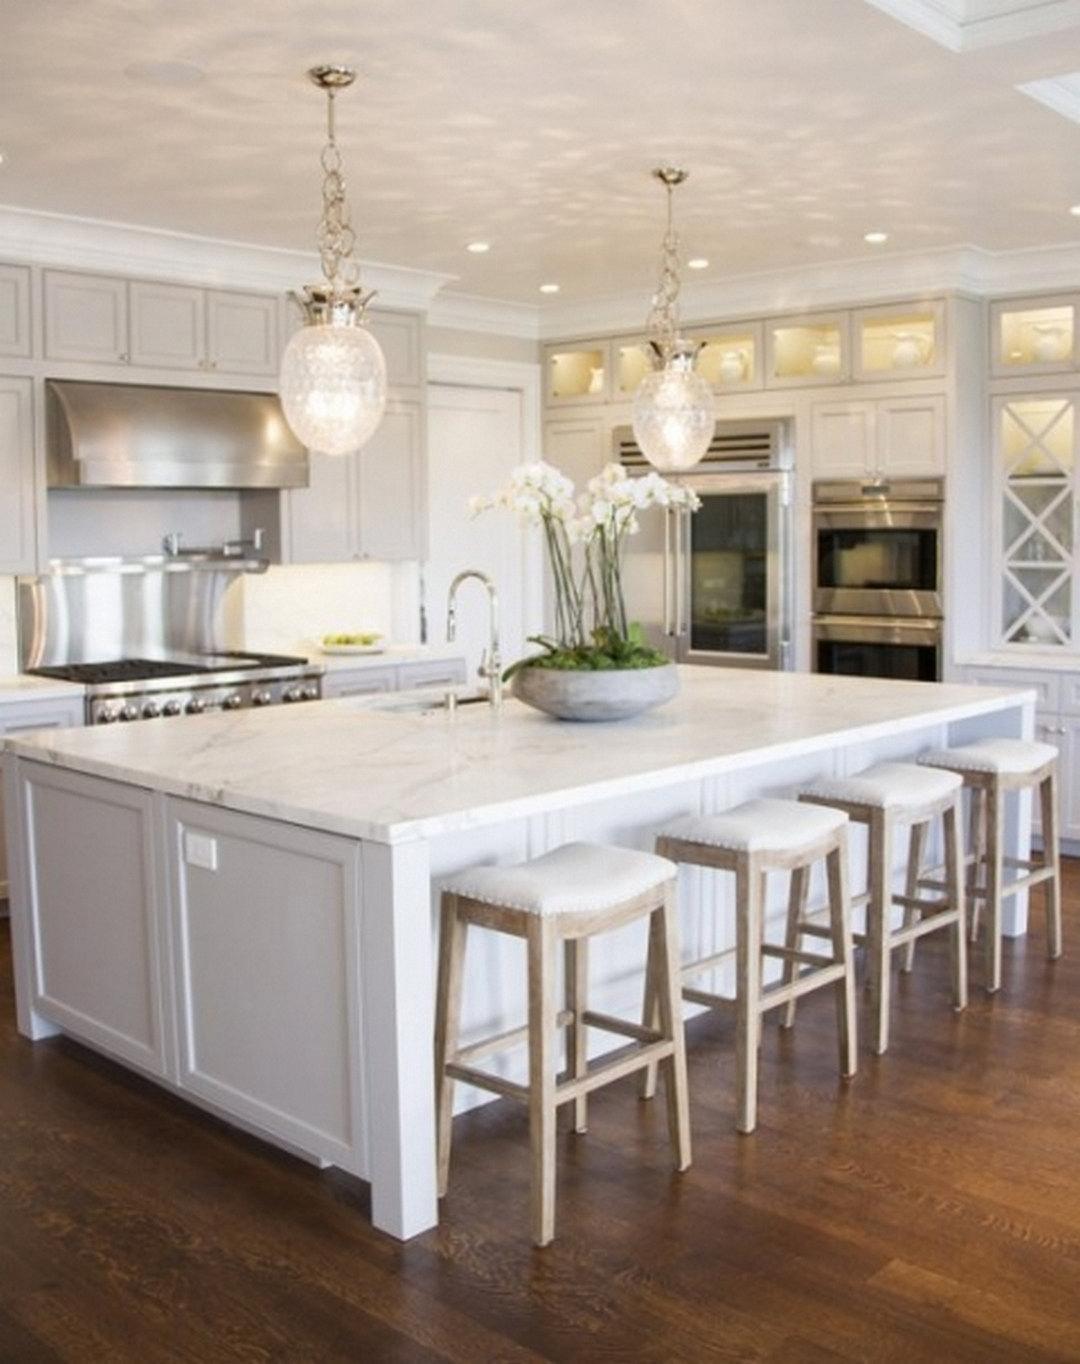 Farmhouse kitchen decor Pretty White Kitchen Design